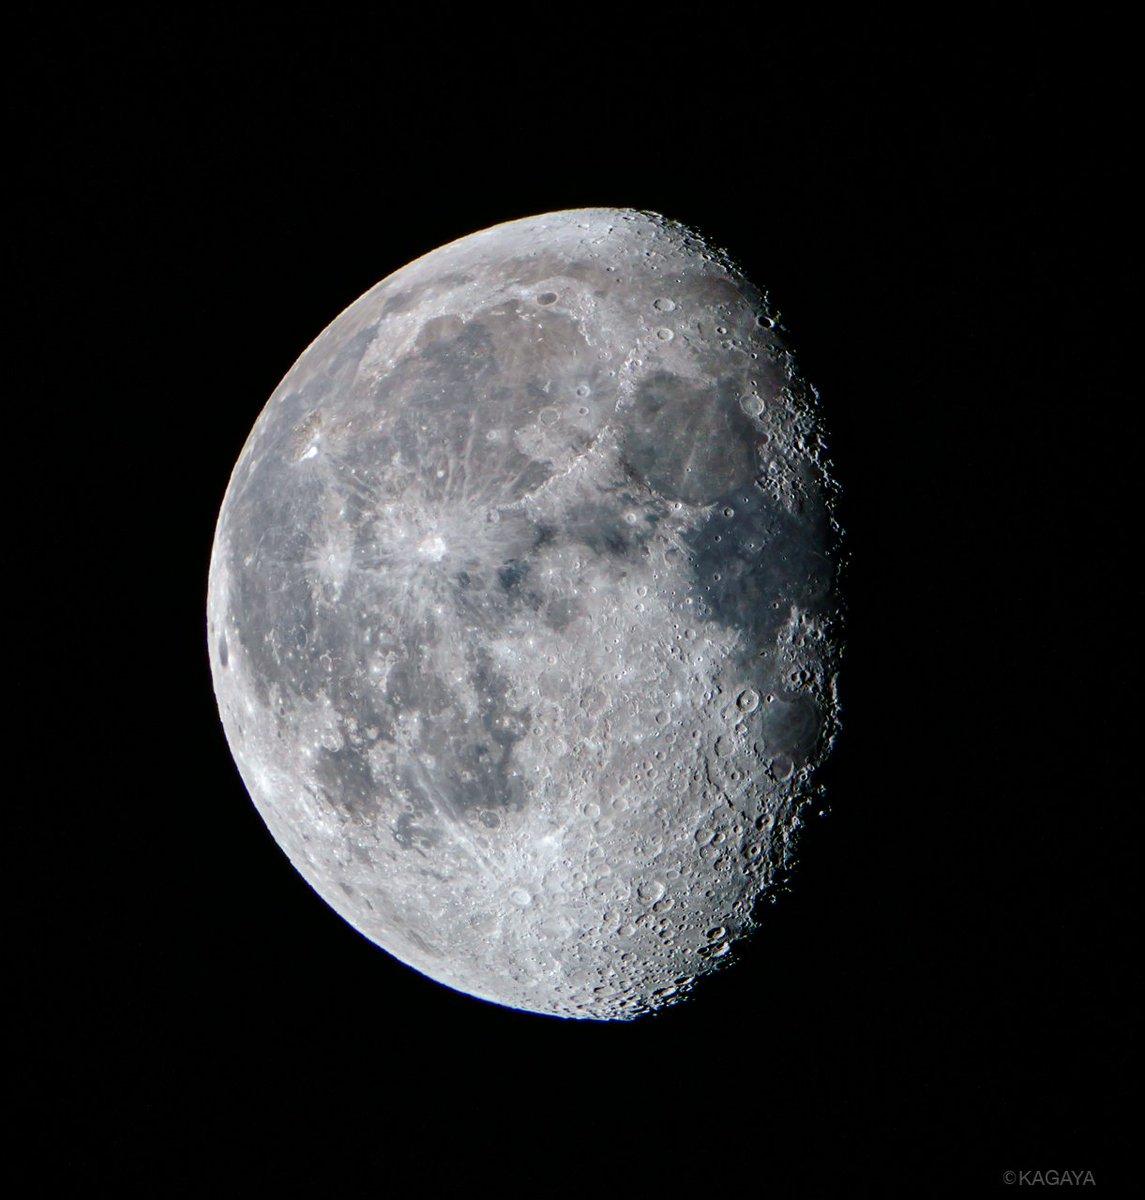 空をご覧ください。 東に更待月(ふけまちづき)が昇りました。夜ふけに昇るのでこの名があります。(写真…